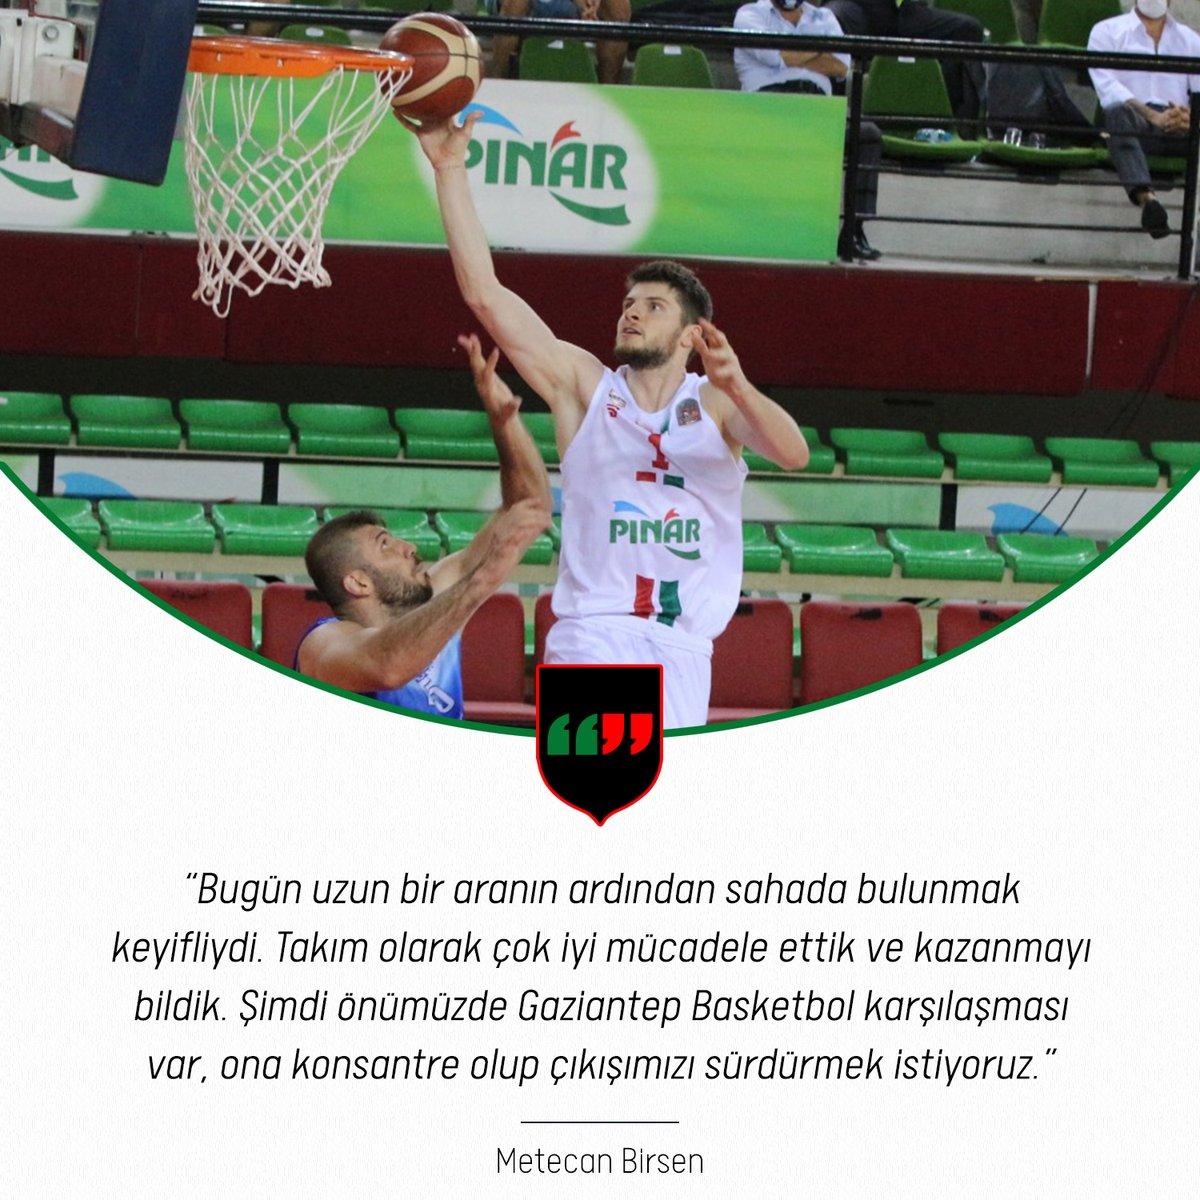 🎙 Oyuncumuz Metecan Birsen, Lokman Hekim Fethiye Belediye Spor karşılaşmasının ardından açıklamalarda bulundu. 👇   🔗 https://t.co/78aEGjg5AT https://t.co/VIokZcb4wL